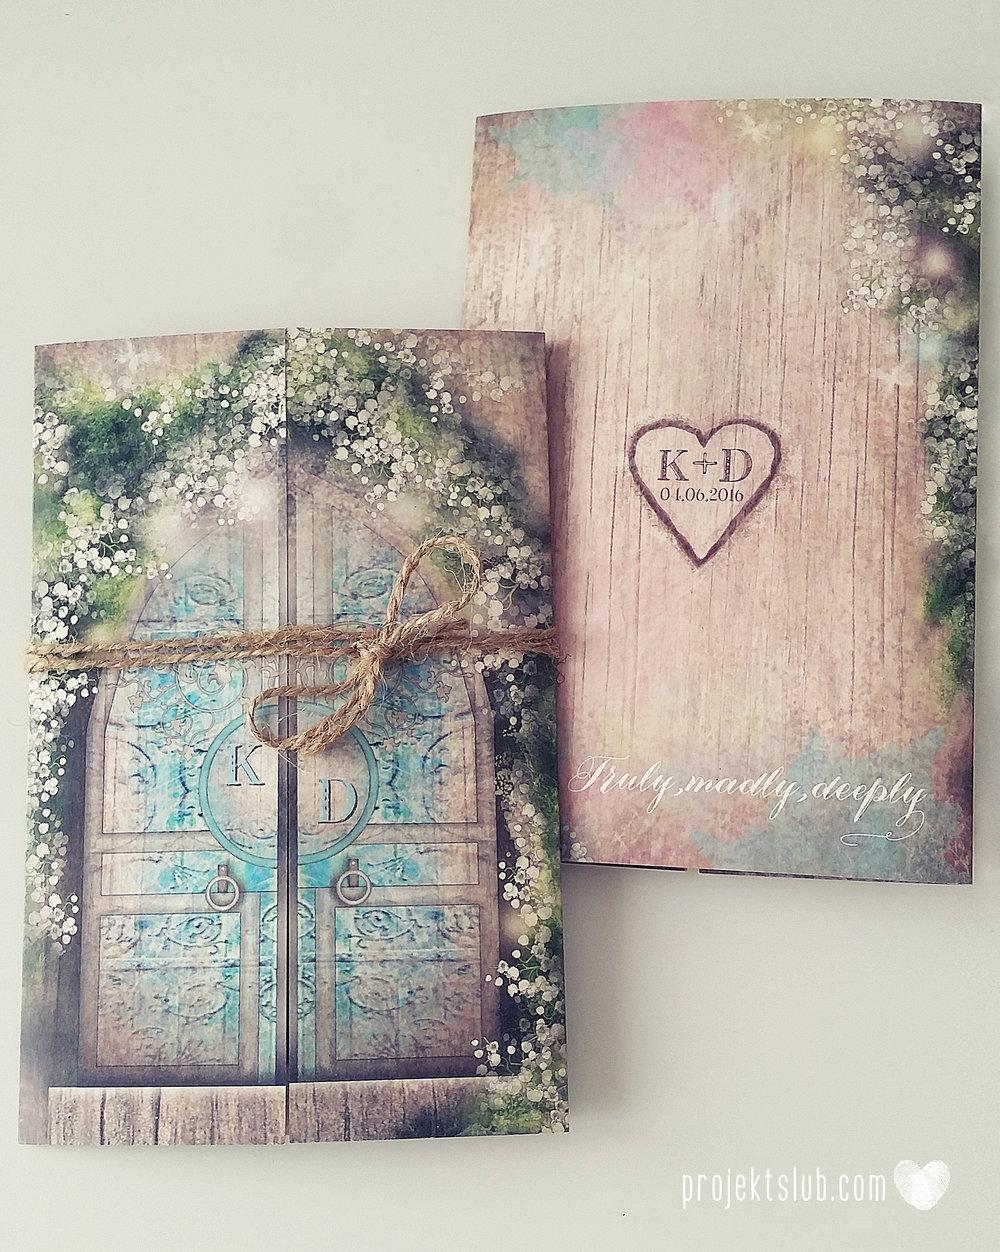 Zaproszenie ślubne zaczarowany las z motywem konwali w stylu rustykalnym z akcentami turkusu i rysunkiem drewna (5).jpg